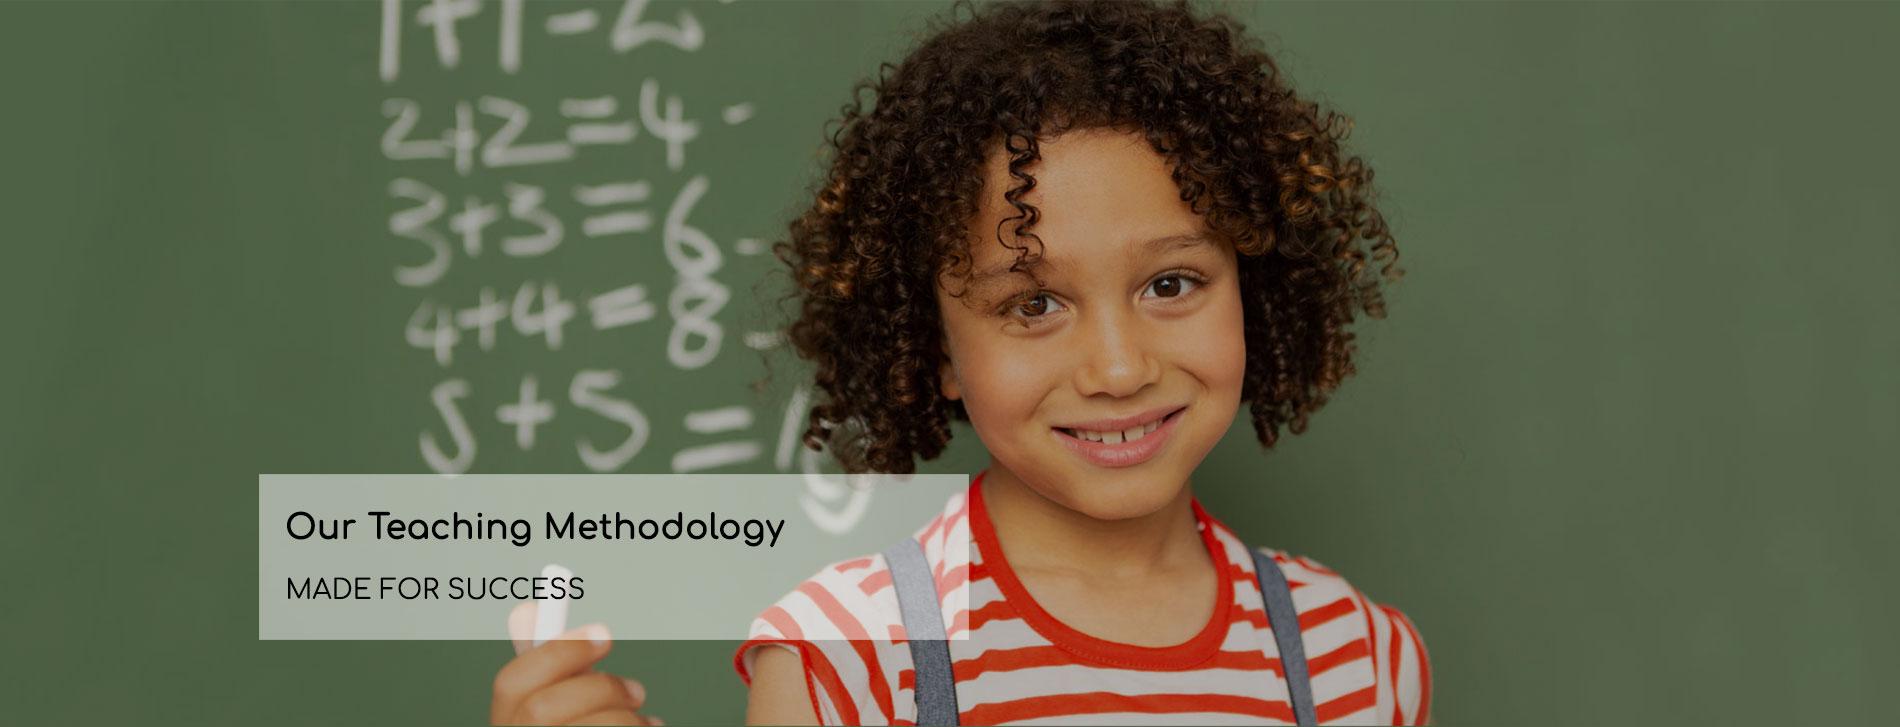 Best Brains Teaching Methodology